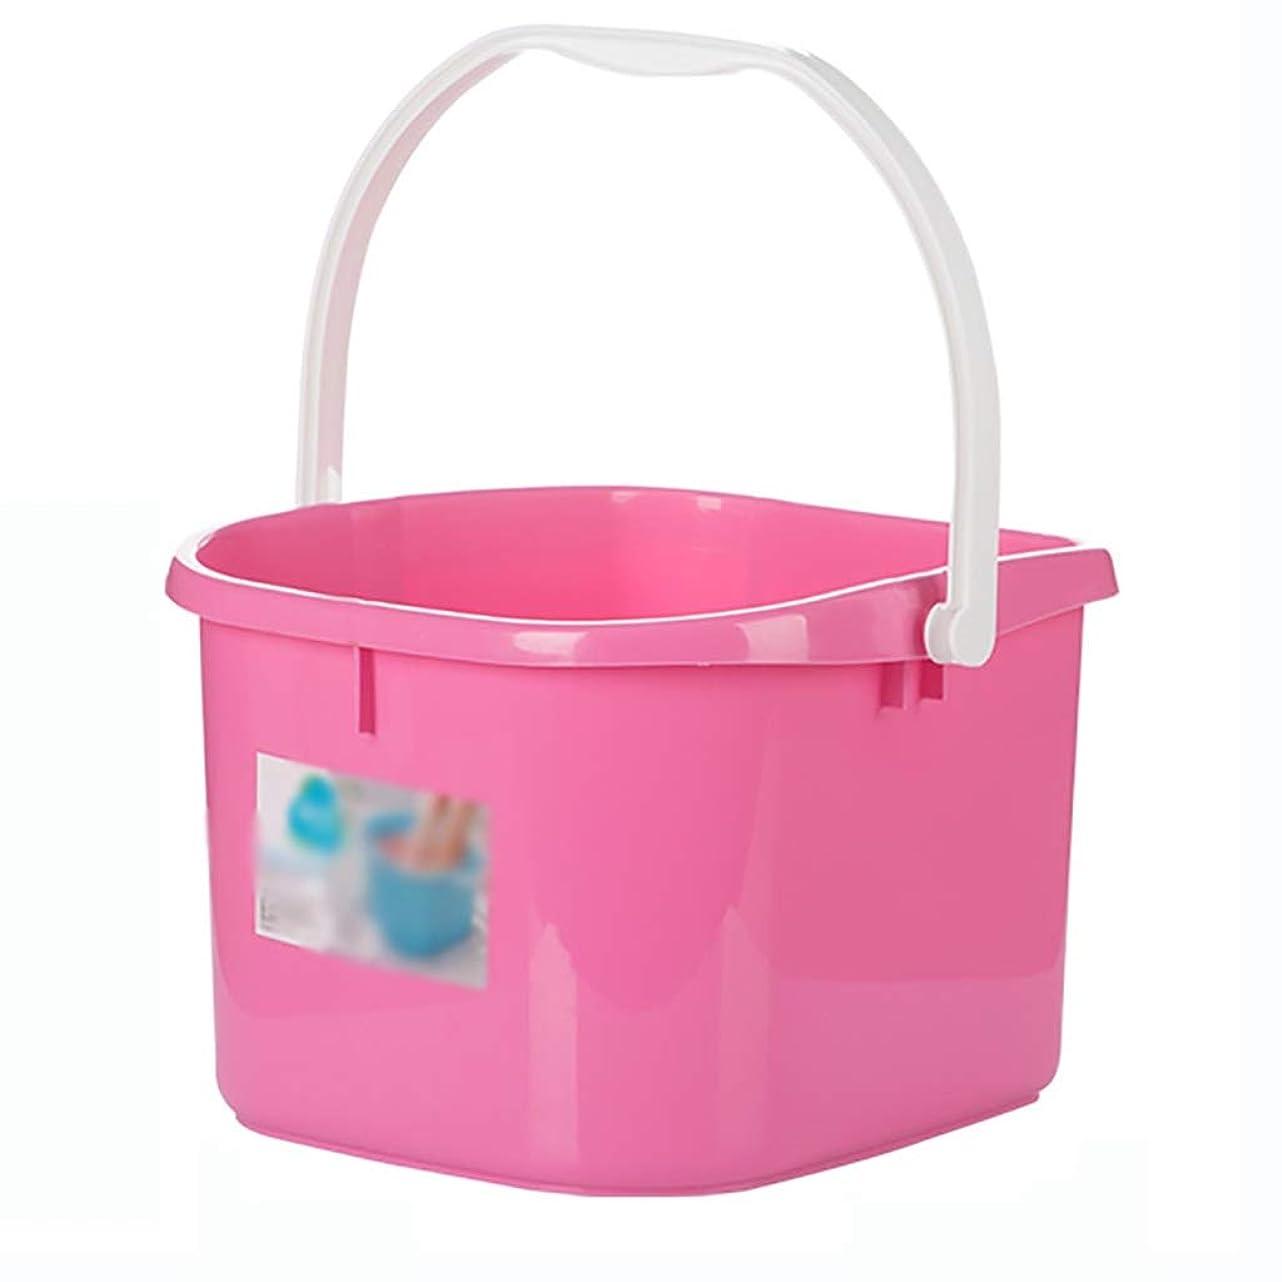 サイクル敵手綱フットバスバレル フットバスバレル厚いプラスチックマッサージフットバス身長家庭用足湯大容量の高水位34.8 * 37.8 * 22.5センチメートル (Color : Pink)